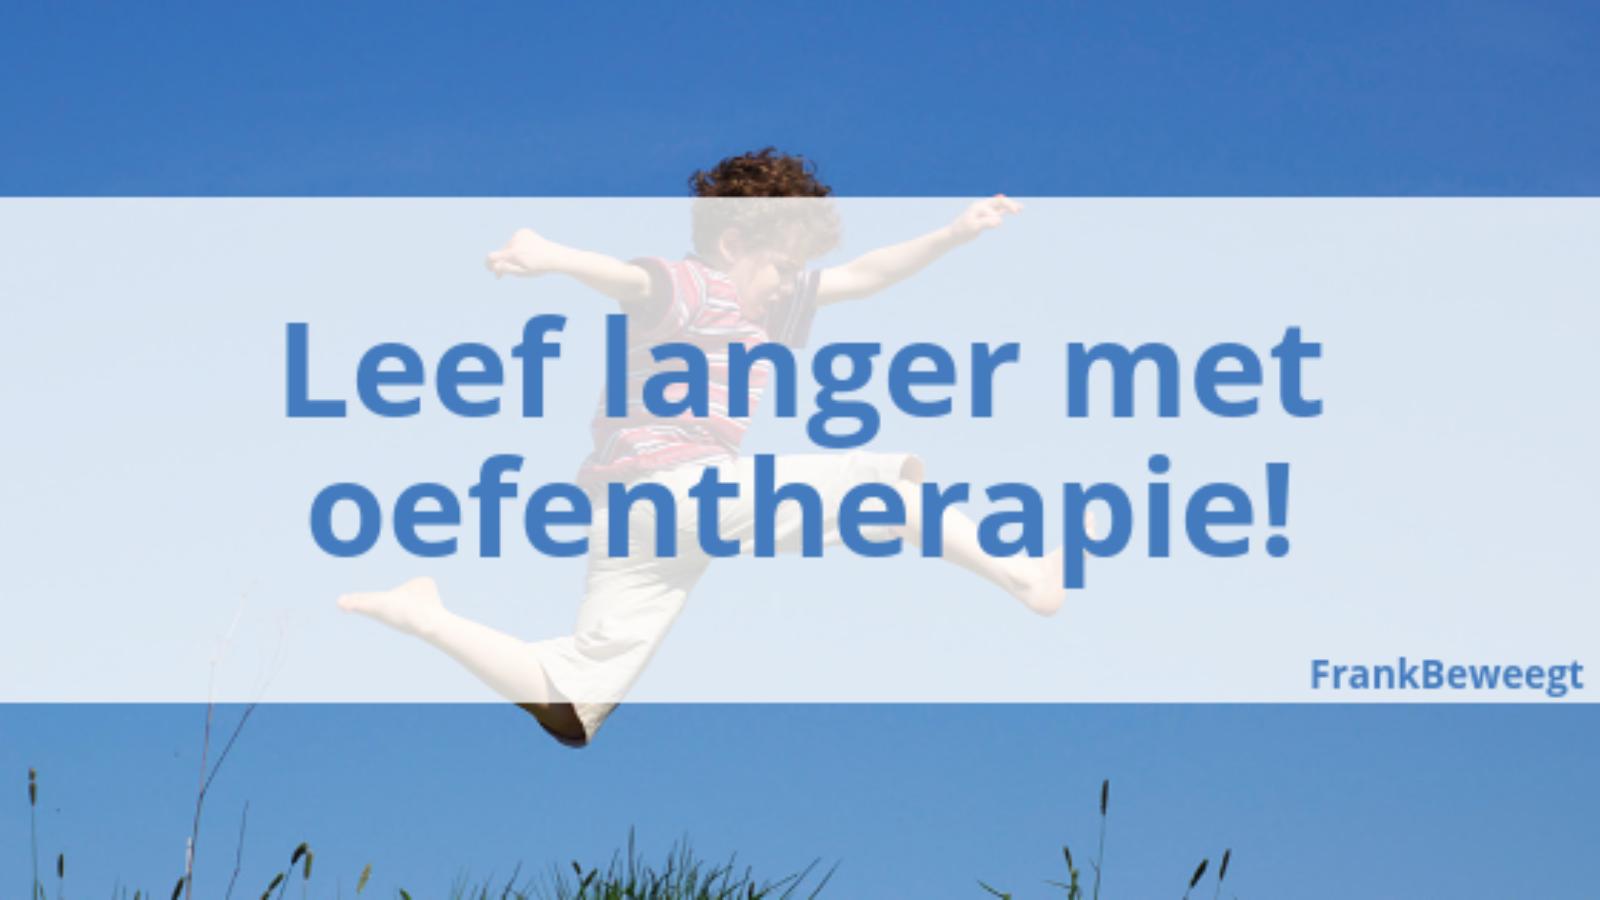 Leef langer met oefentherapie!